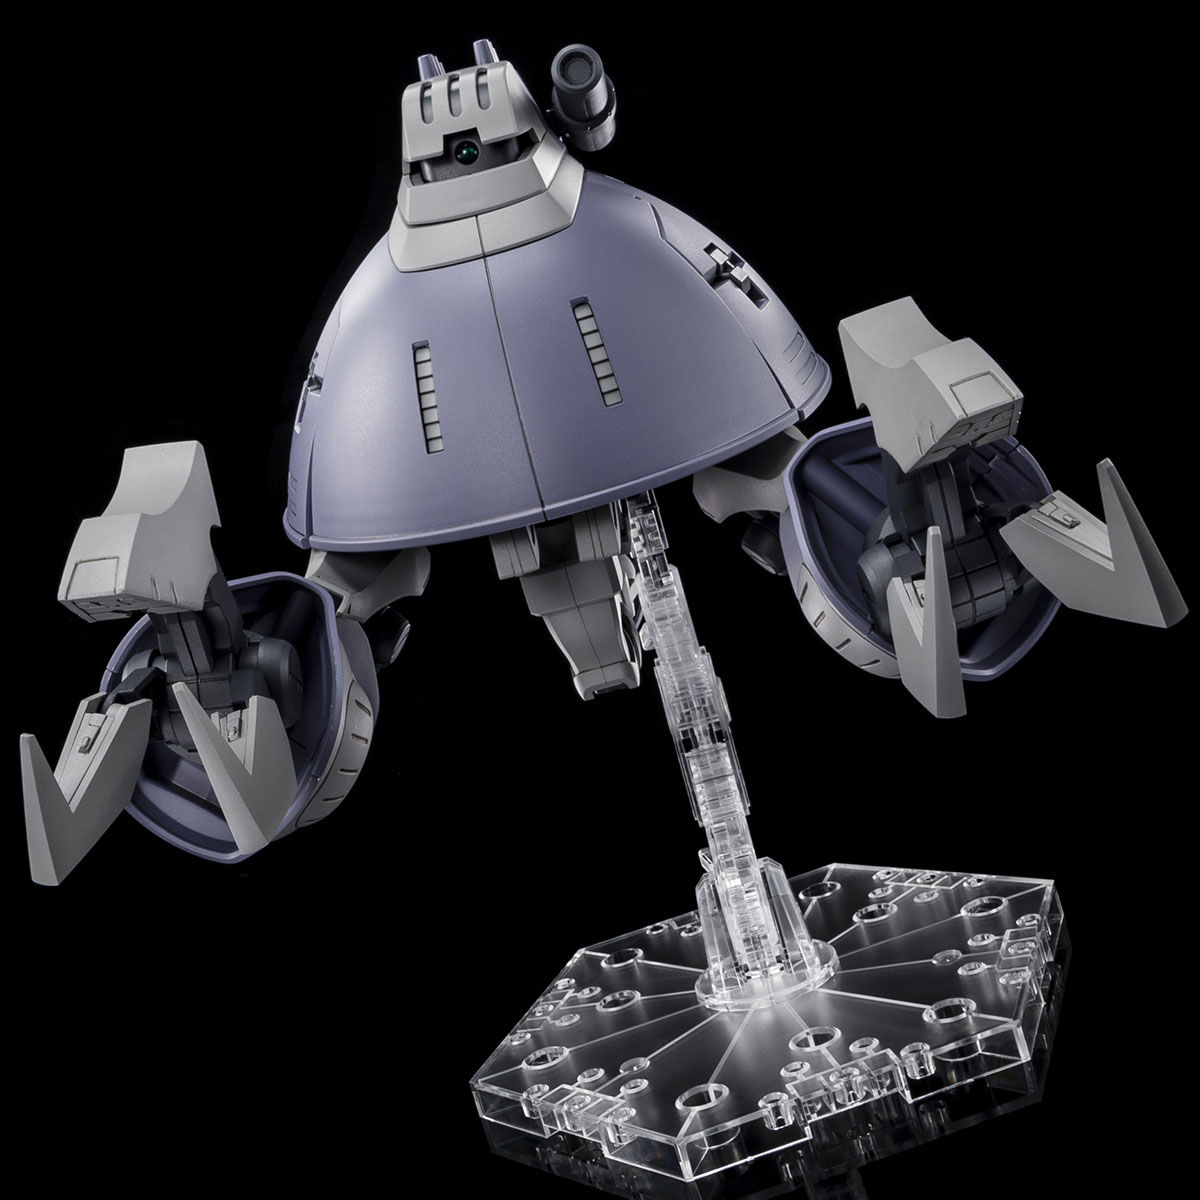 【限定販売】HG 1/144『バウンド・ドック(ゲーツ・キャパ専用機)』機動戦士Zガンダム プラモデル-007